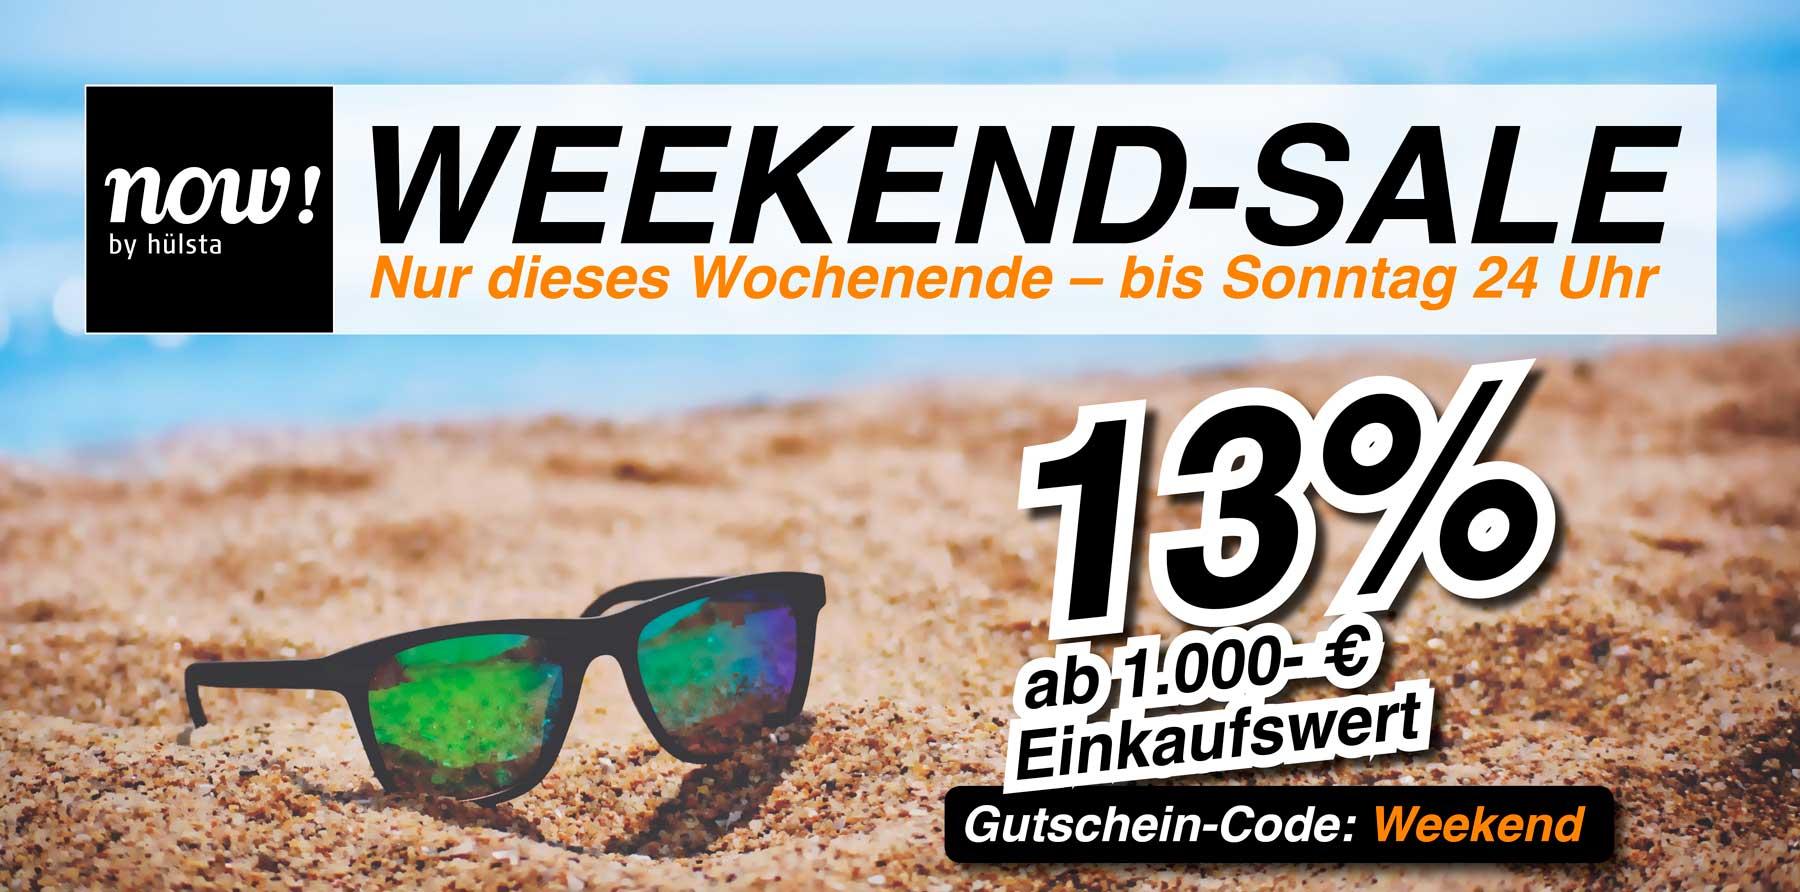 +++ JETZT SCHNELL 13% AUF NOW! BY HÜLSTA SICHERN! +++